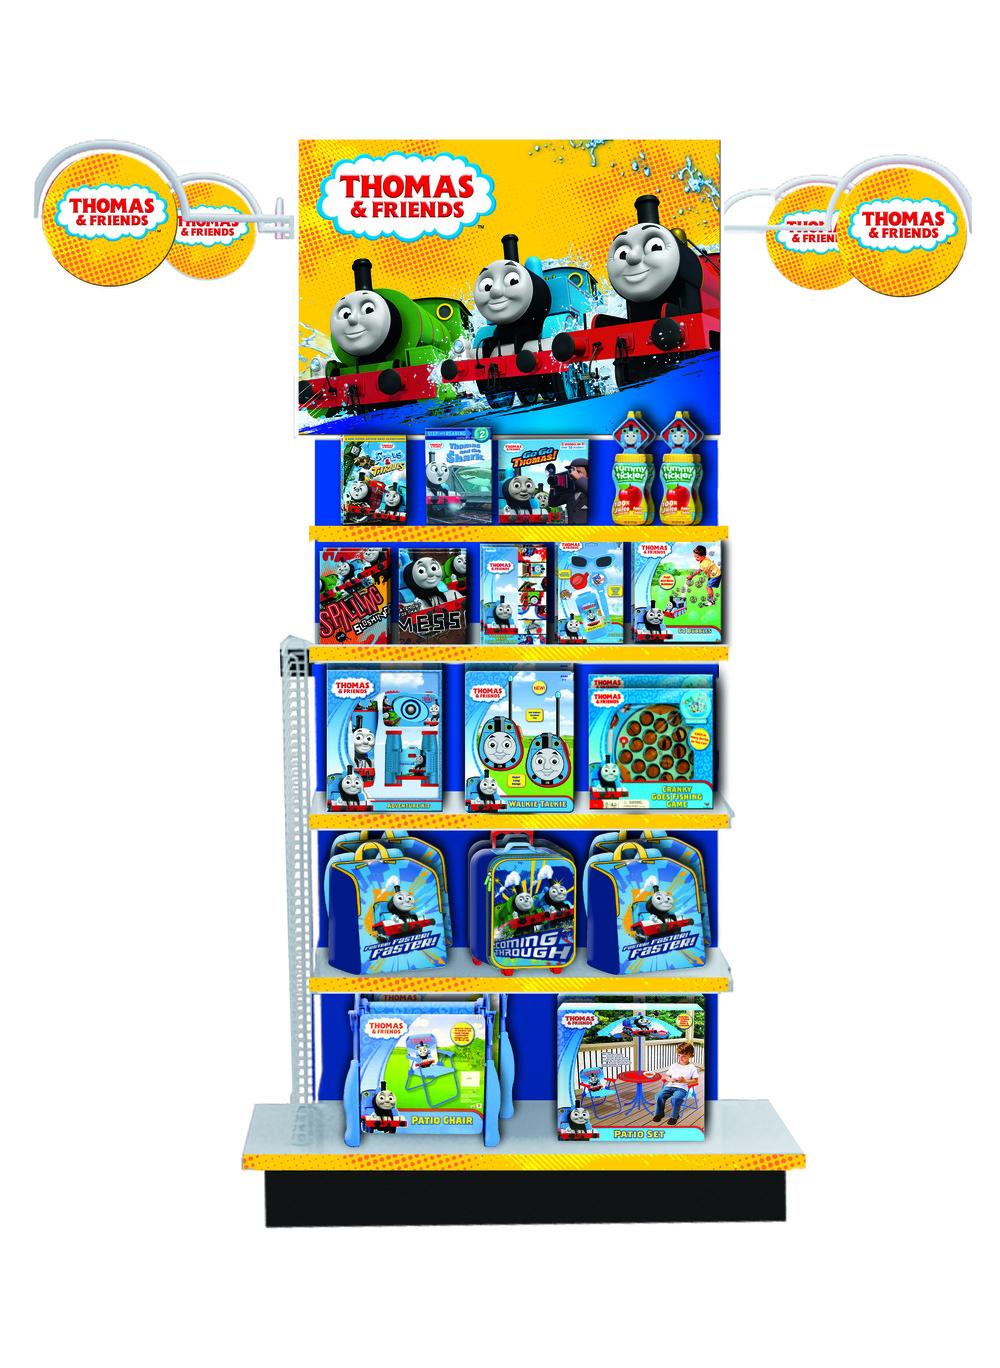 Retail_TOM_SpillsThrills_Target_Endcap_V2.jpg